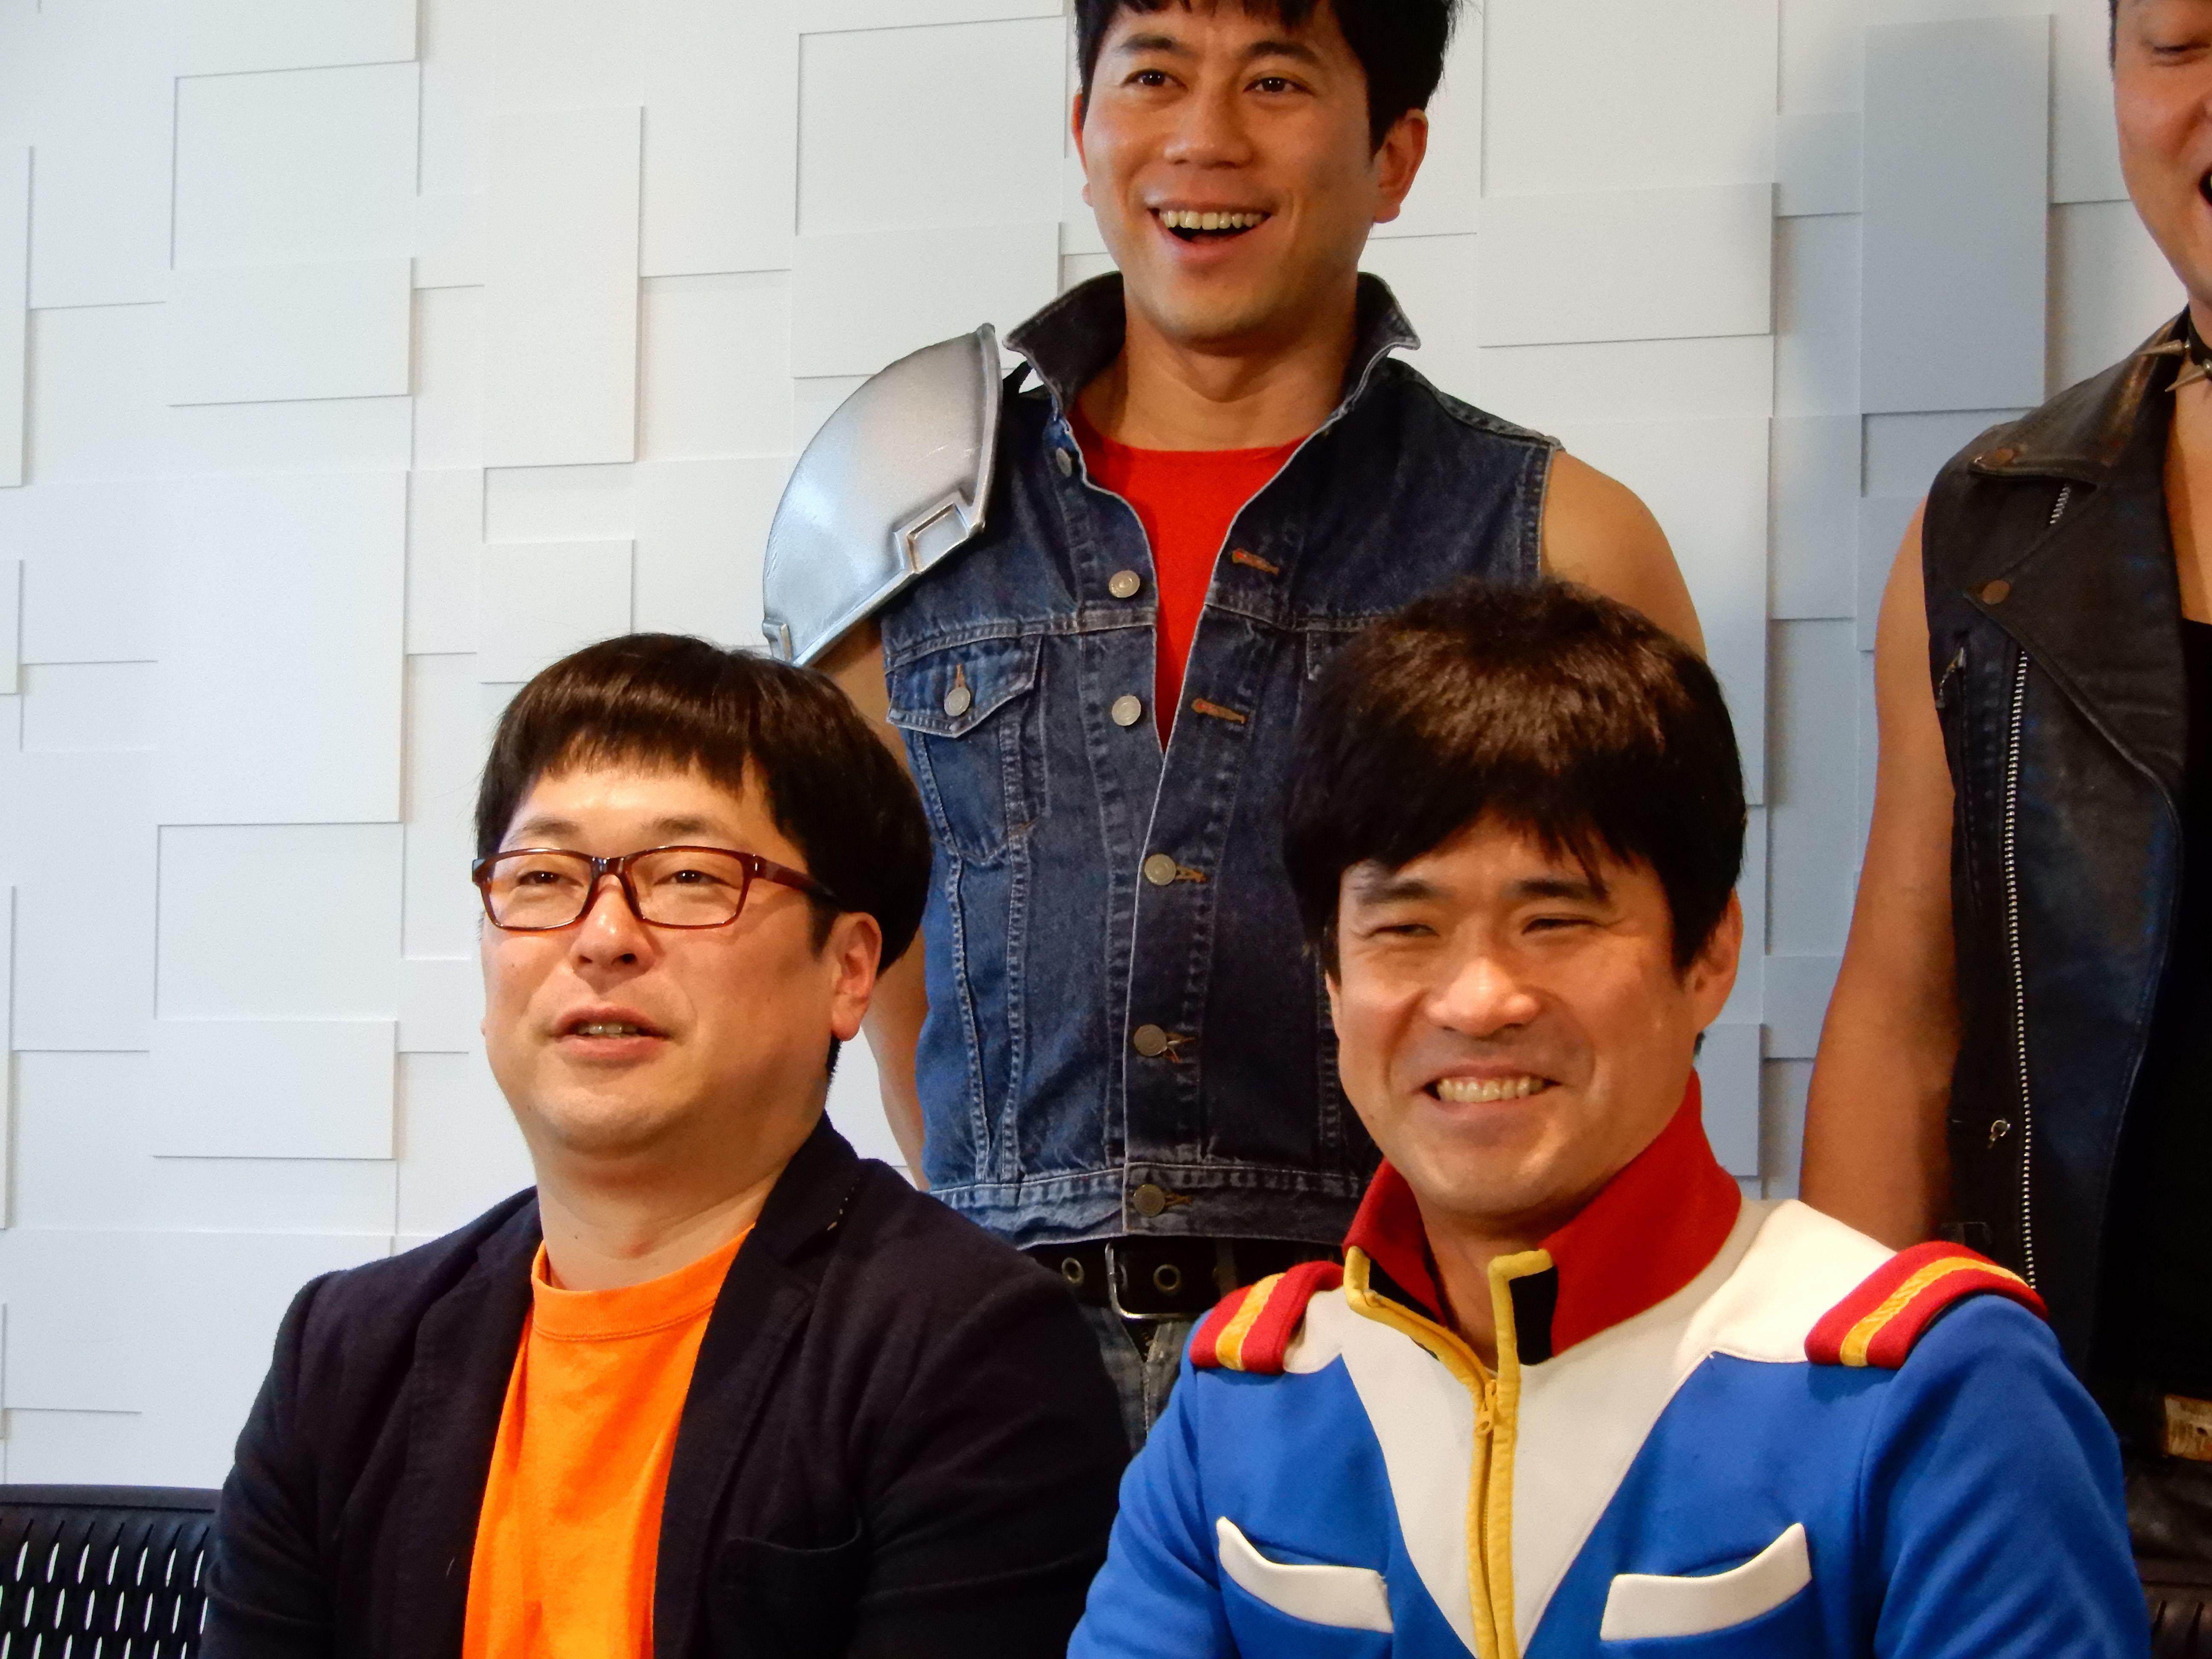 http://news.yoshimoto.co.jp/20180316233135-9736013fc391d7dd6a0d041a373eb33ef5563e31.jpg